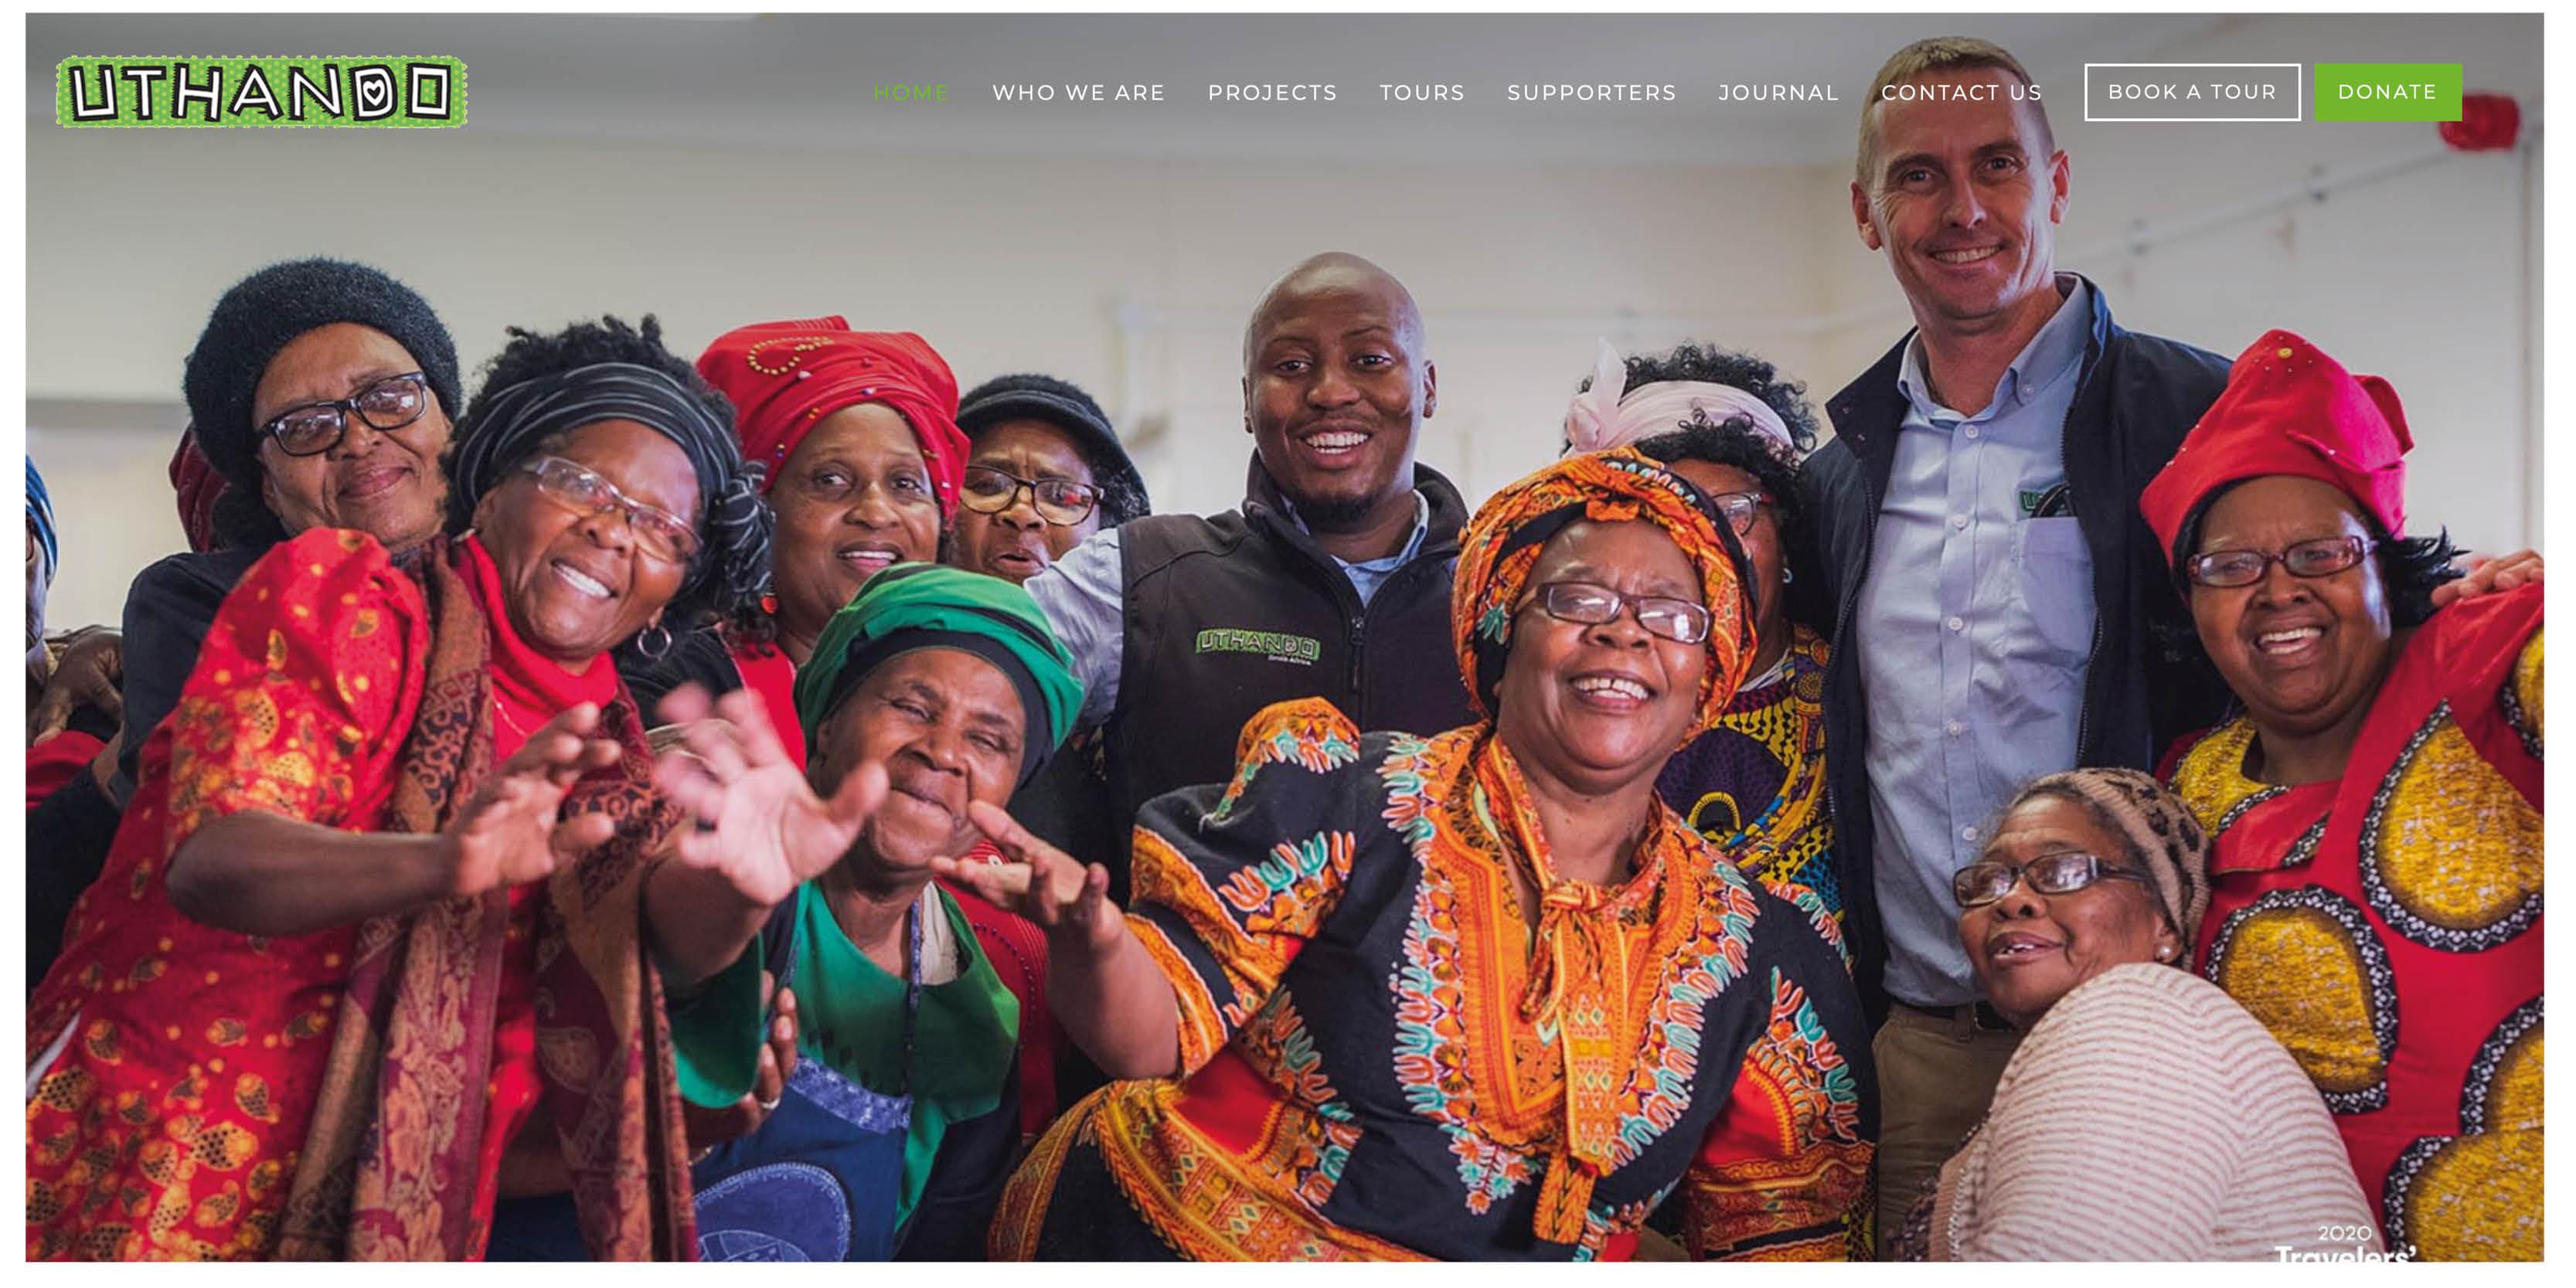 Uthando South Africa